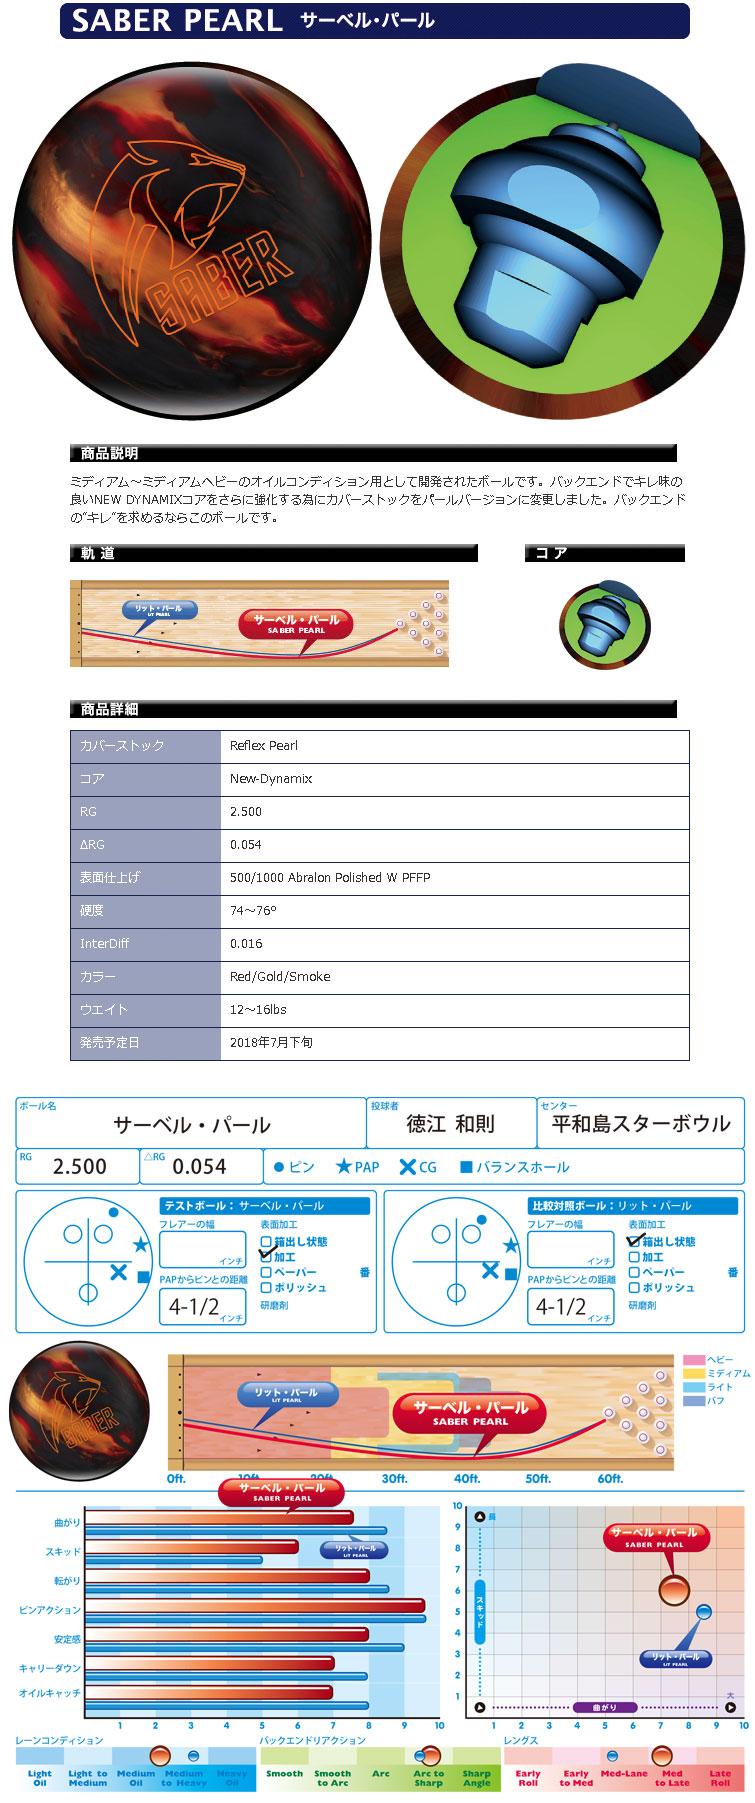 ボウリング用品 ボウリングボールCOLUMBIA300 サーベル パール SABER PEARL